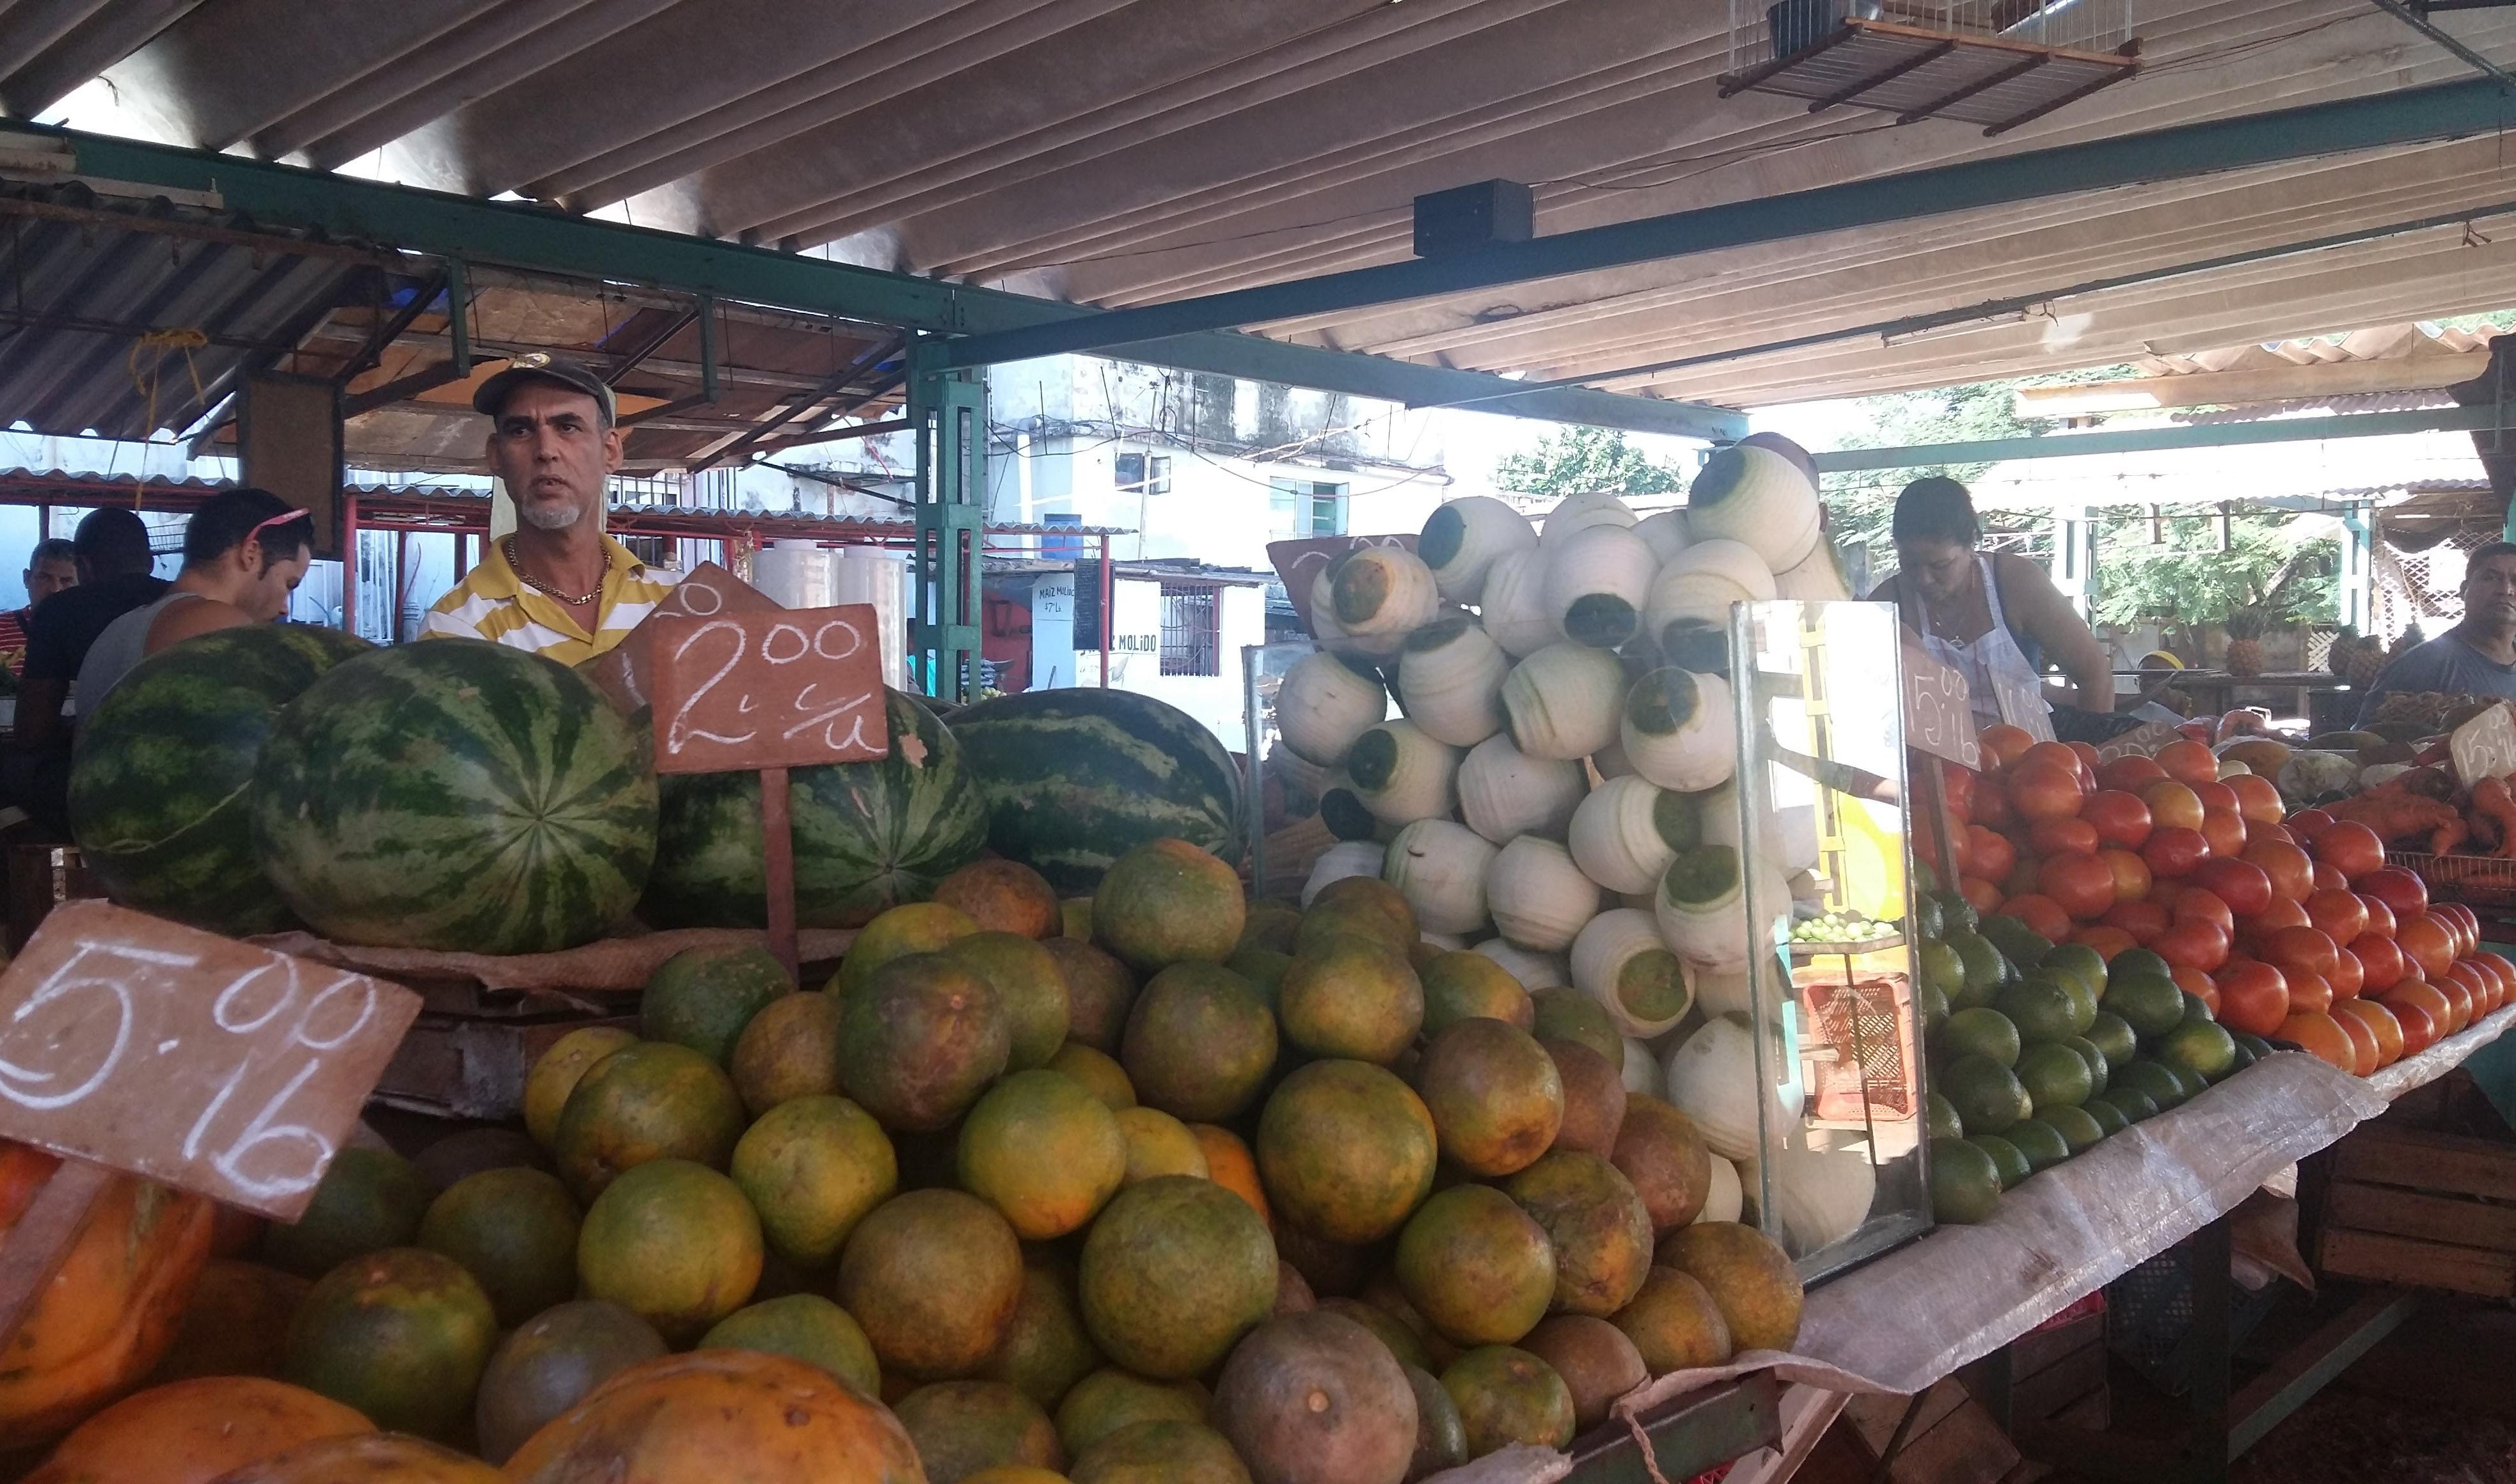 mercati-ortofrutticoli-havana-cuba